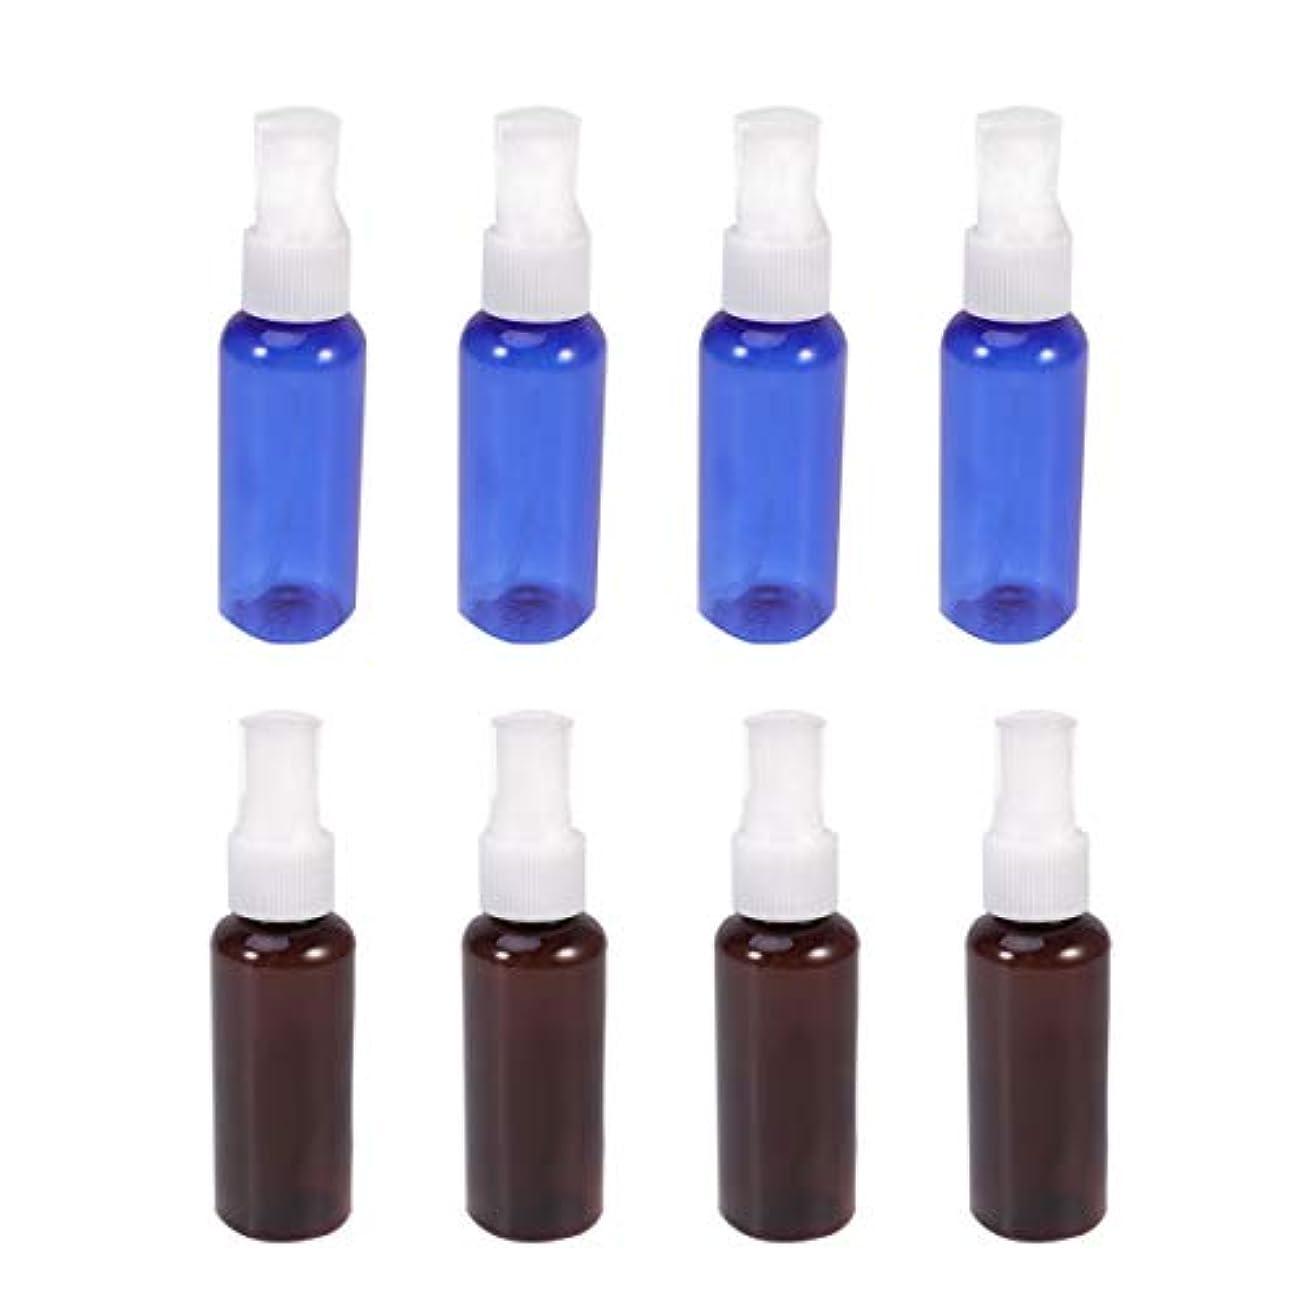 独裁者強盗住むLurrose 8個50 mlプラスチックスプレーボトルミニ空の香水瓶空の香水ポンプボトル(青と茶色)